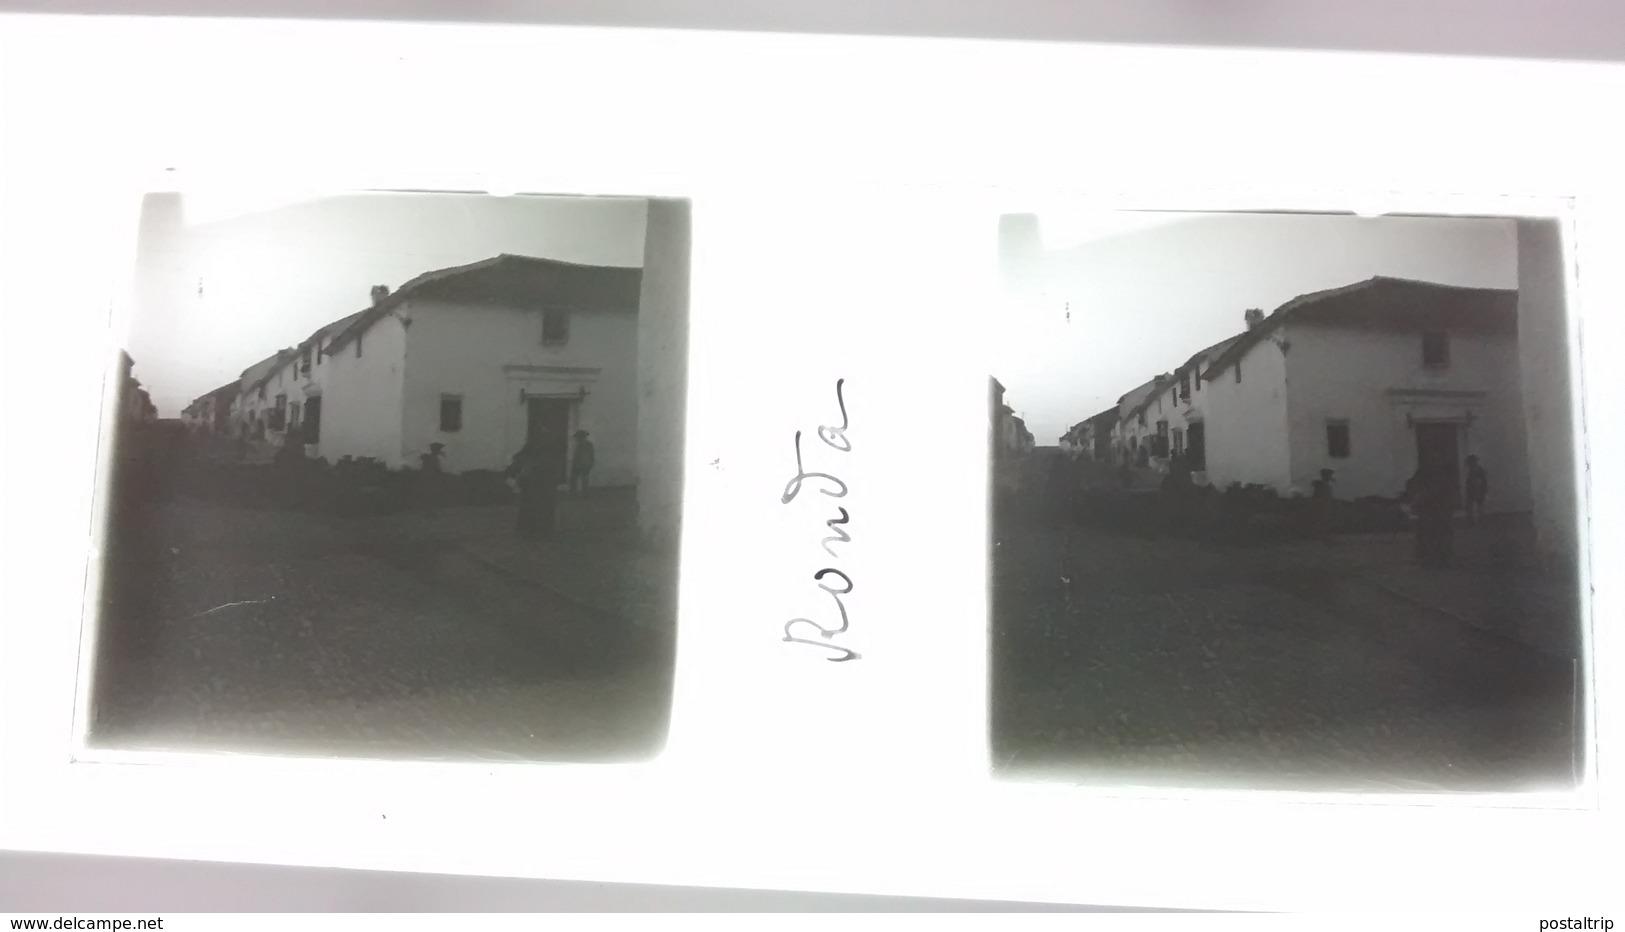 LOTE 17 PLACAS ESTEREOSCOPICAS RONDA ANDALUCIA MALAGA ESPAÑA Fonds Victor FORBIN (1864-1947) Stérèoscopiques - Diapositivas De Vidrio